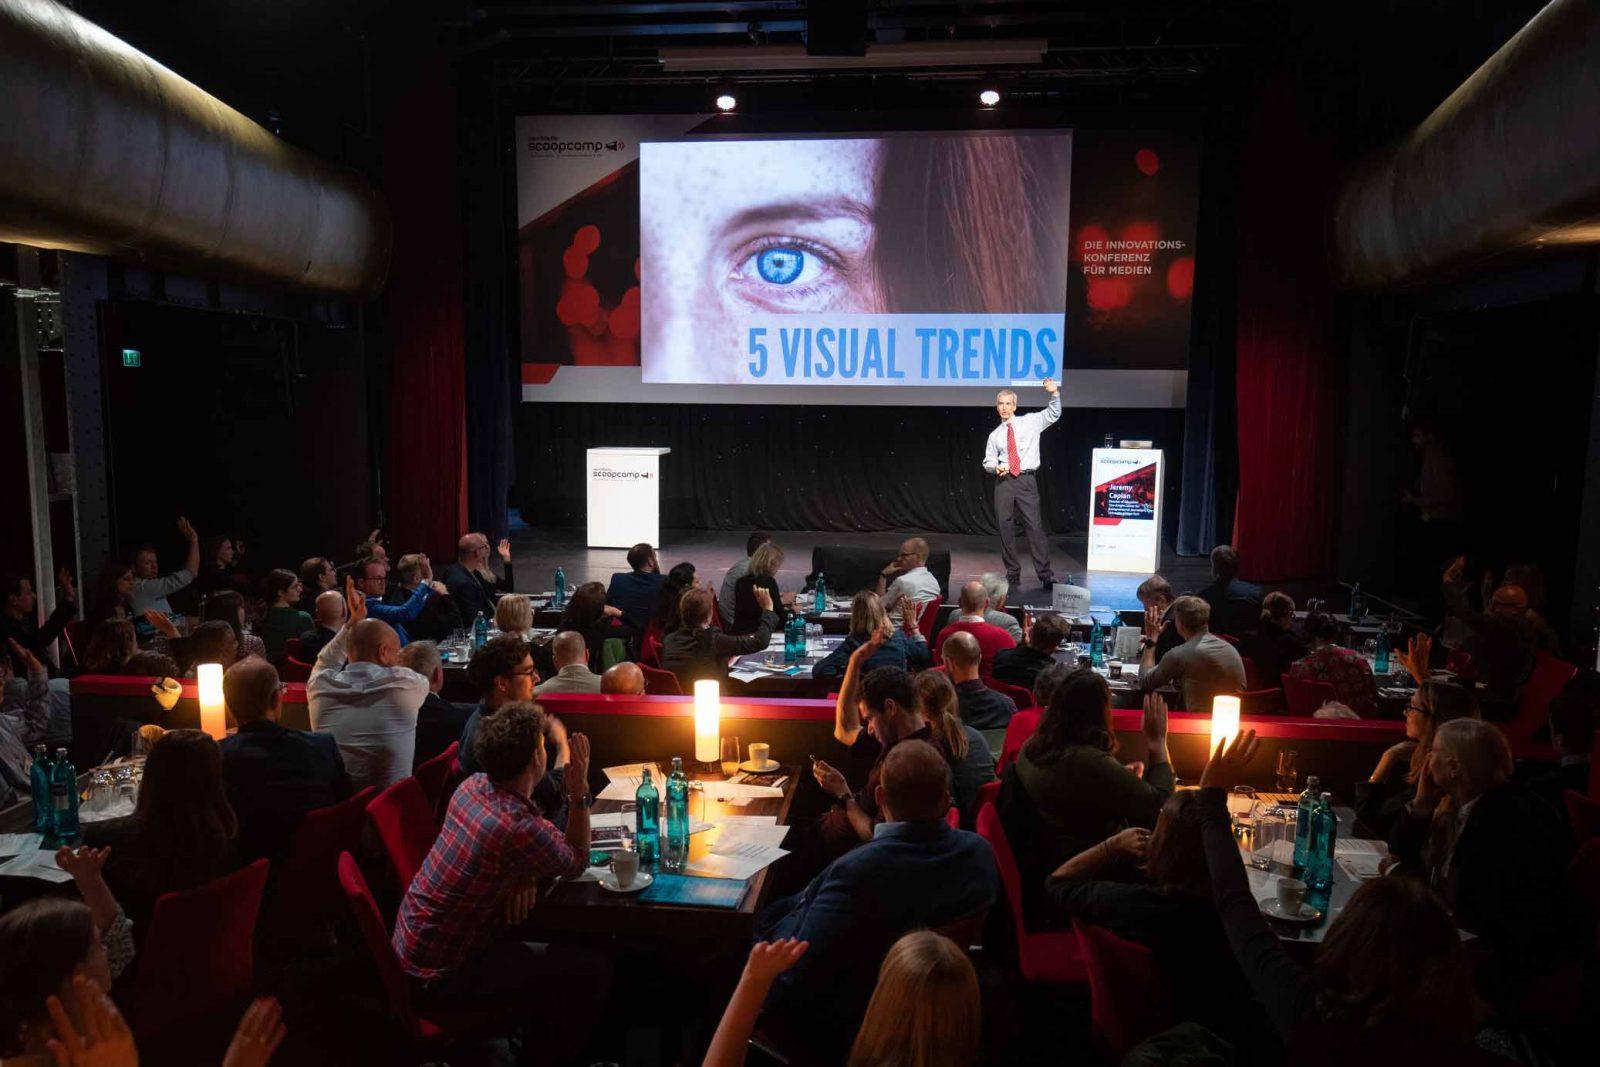 """Innovationskonferenz für Medien """"Scoopcamp"""" am 25.09.2019 im Kehrwieder Theater in Hamburg."""